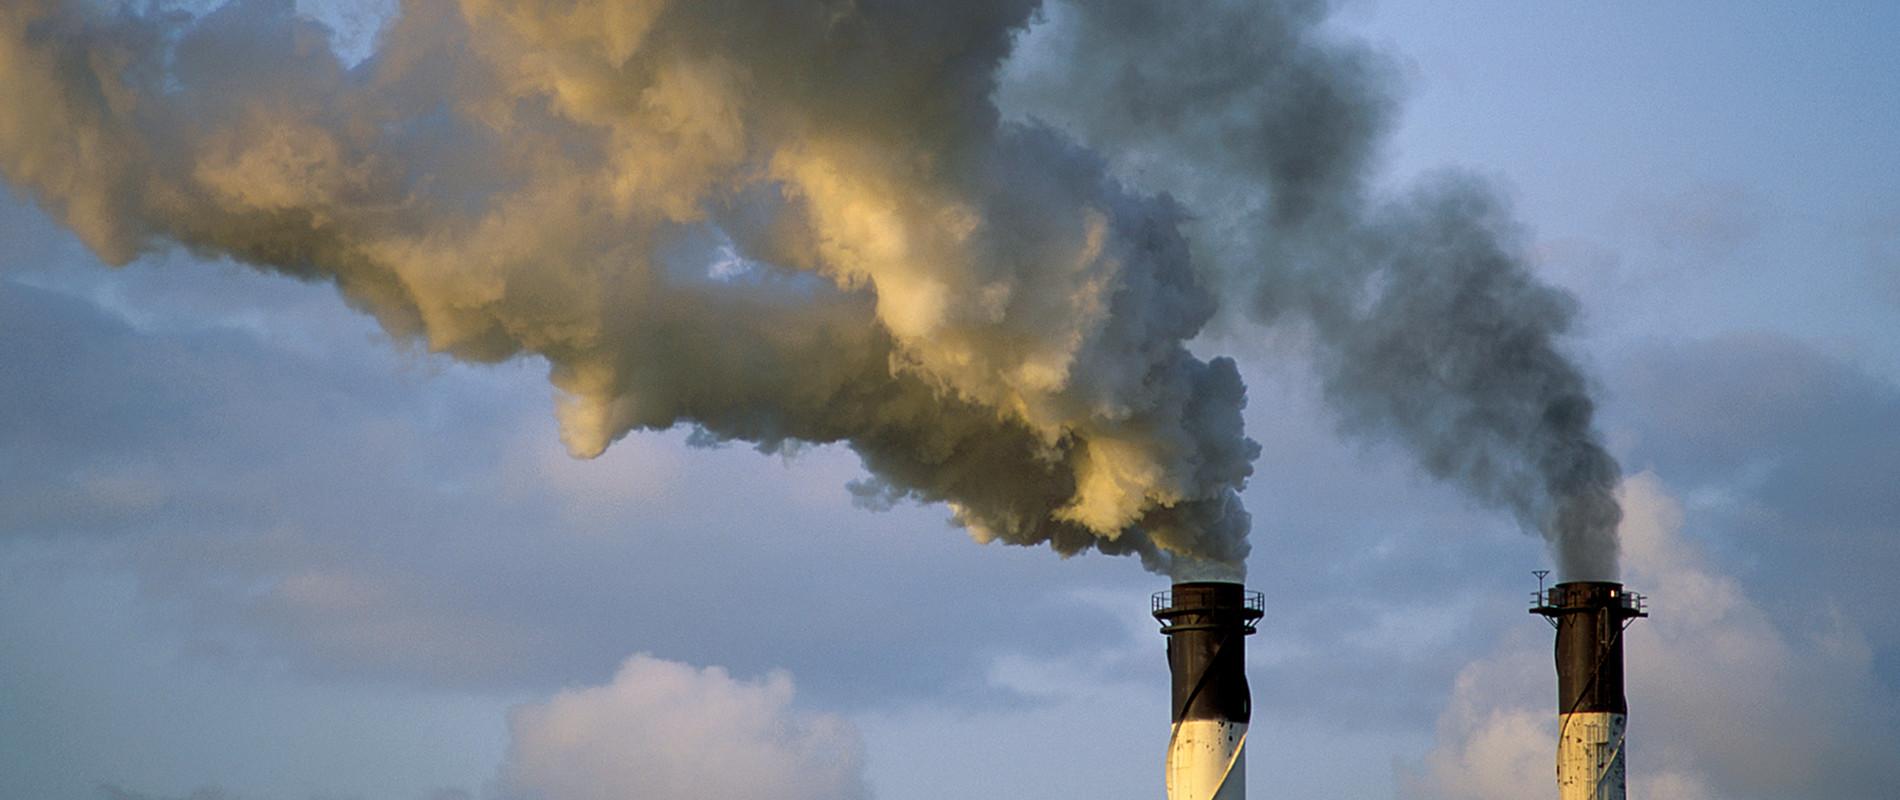 Les émissions cumulées de CO2 par l'Inde de 1850 à 2010